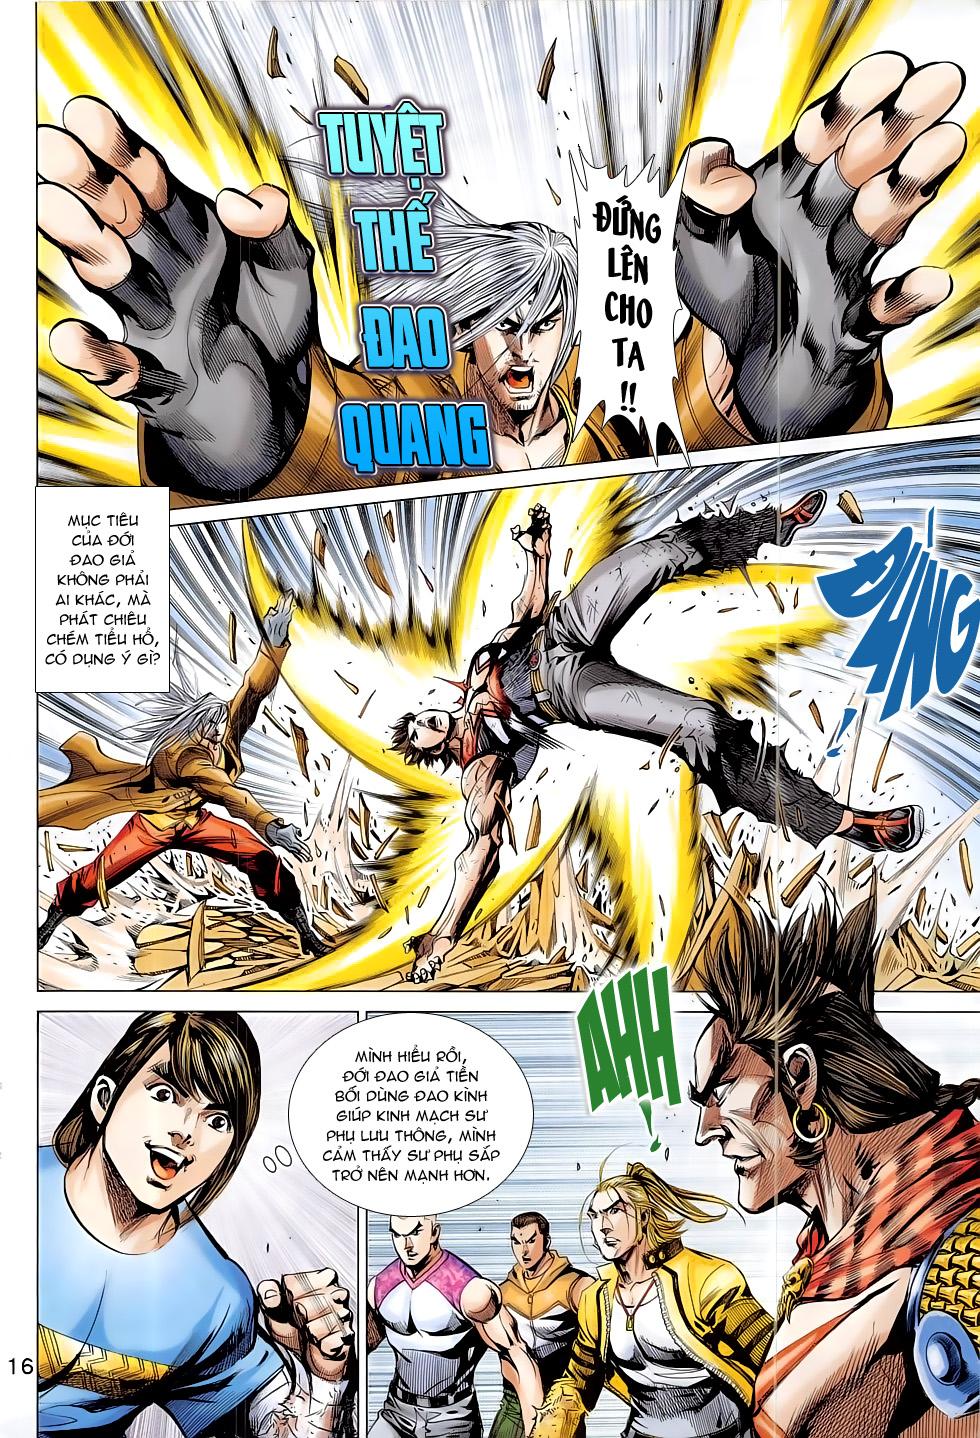 Đông Phương Chân Long chap 65 - Trang 16